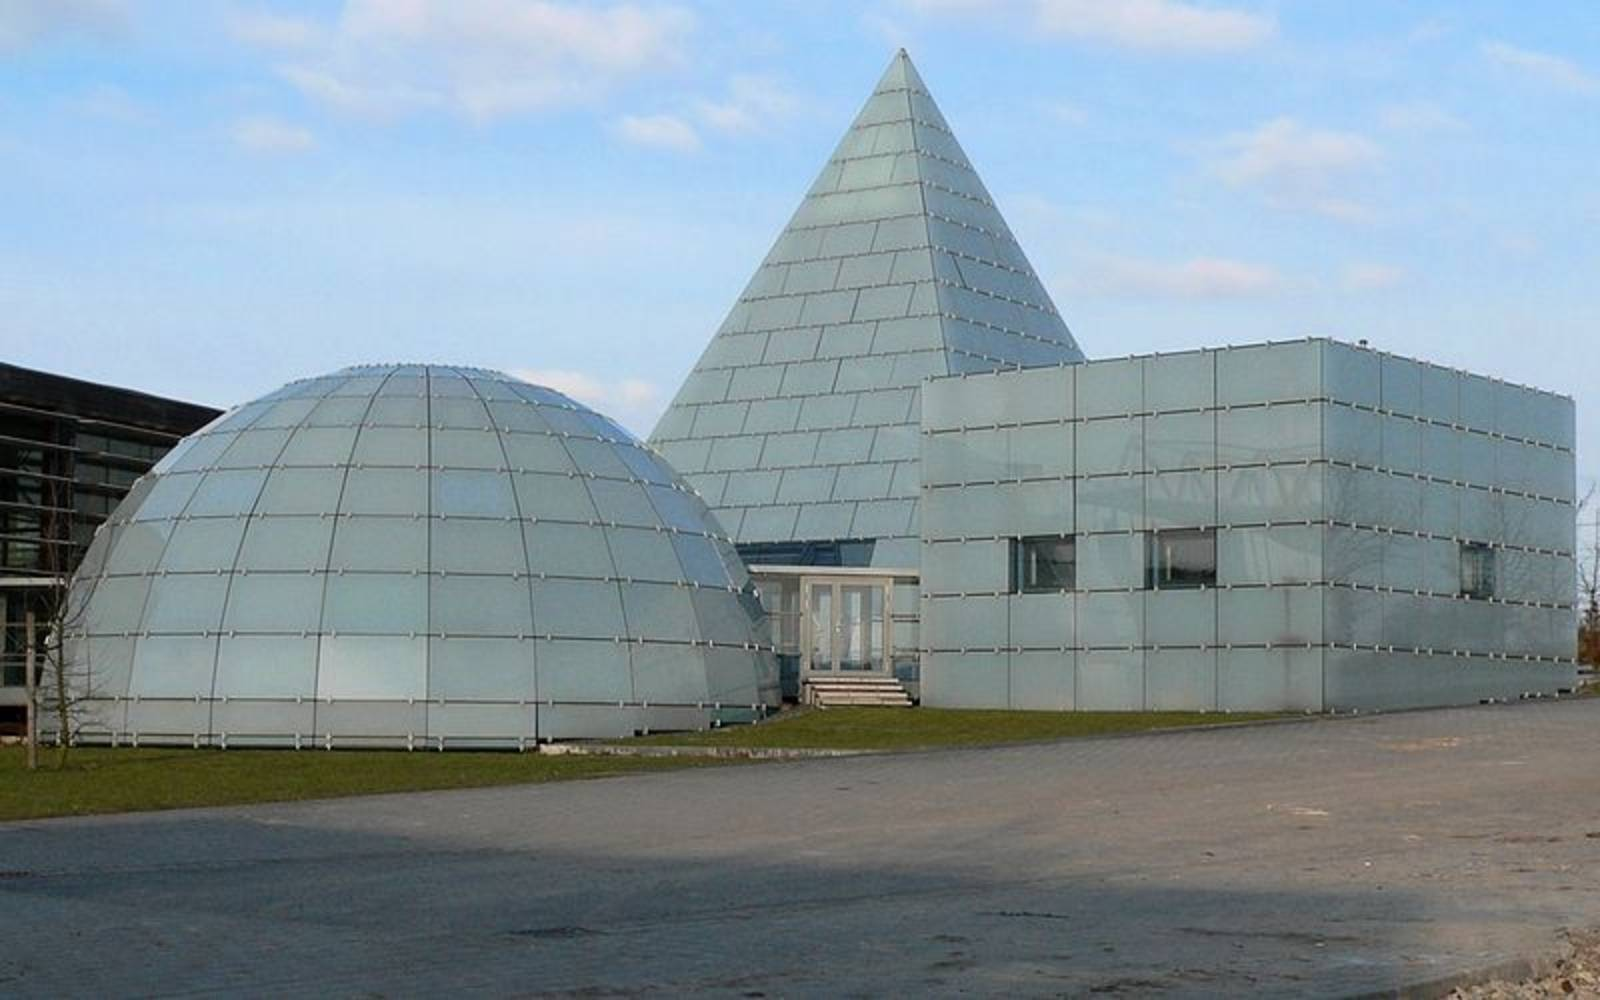 Dänischer Expo-Pavillon